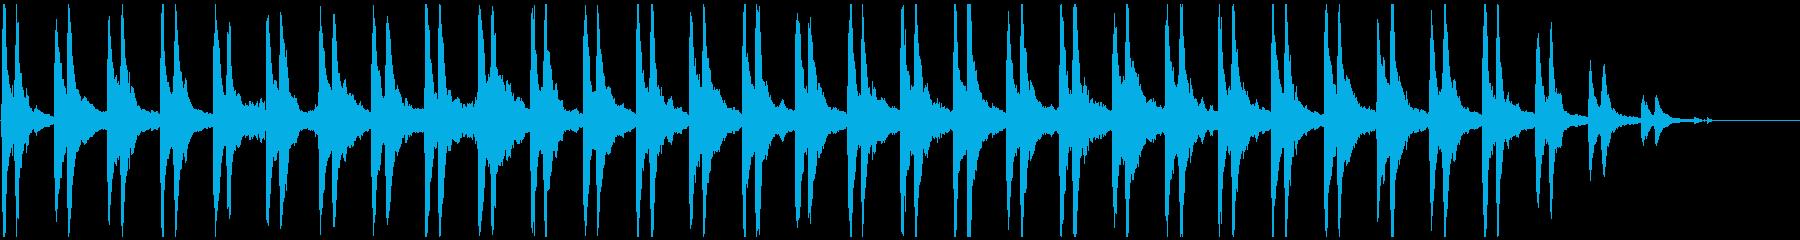 リズムのないゆったりしたピアノ曲の再生済みの波形